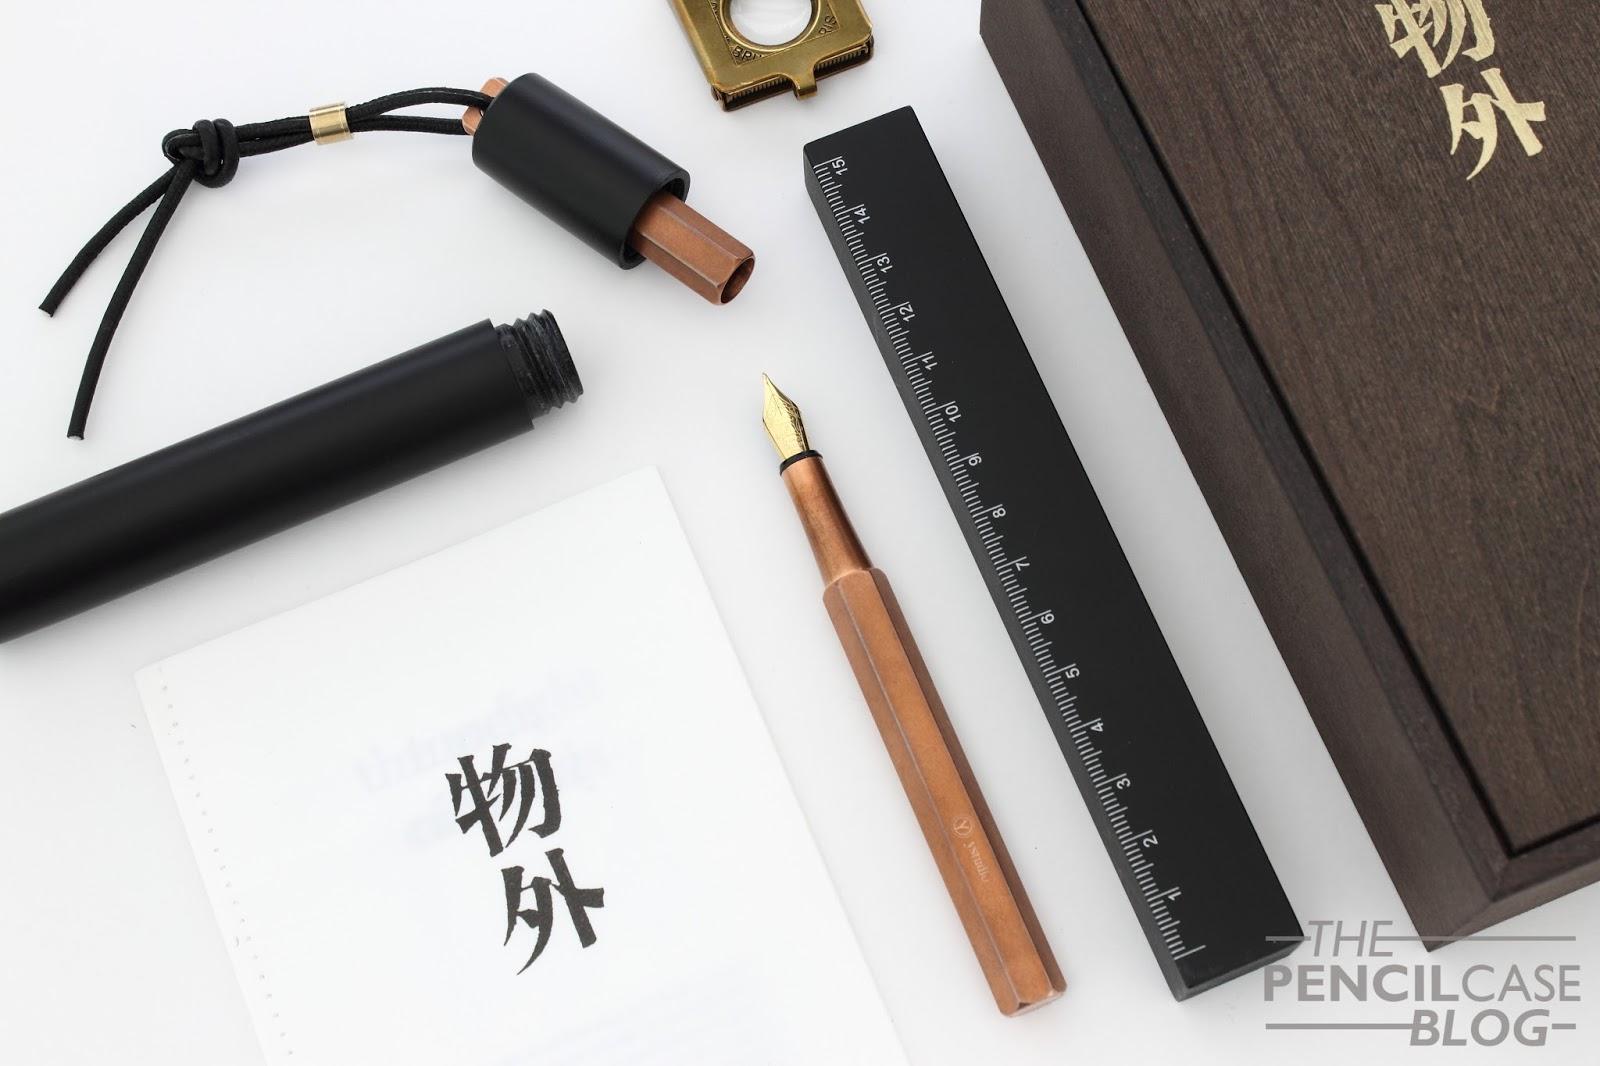 Ystudio Portable Fountain Pen Review